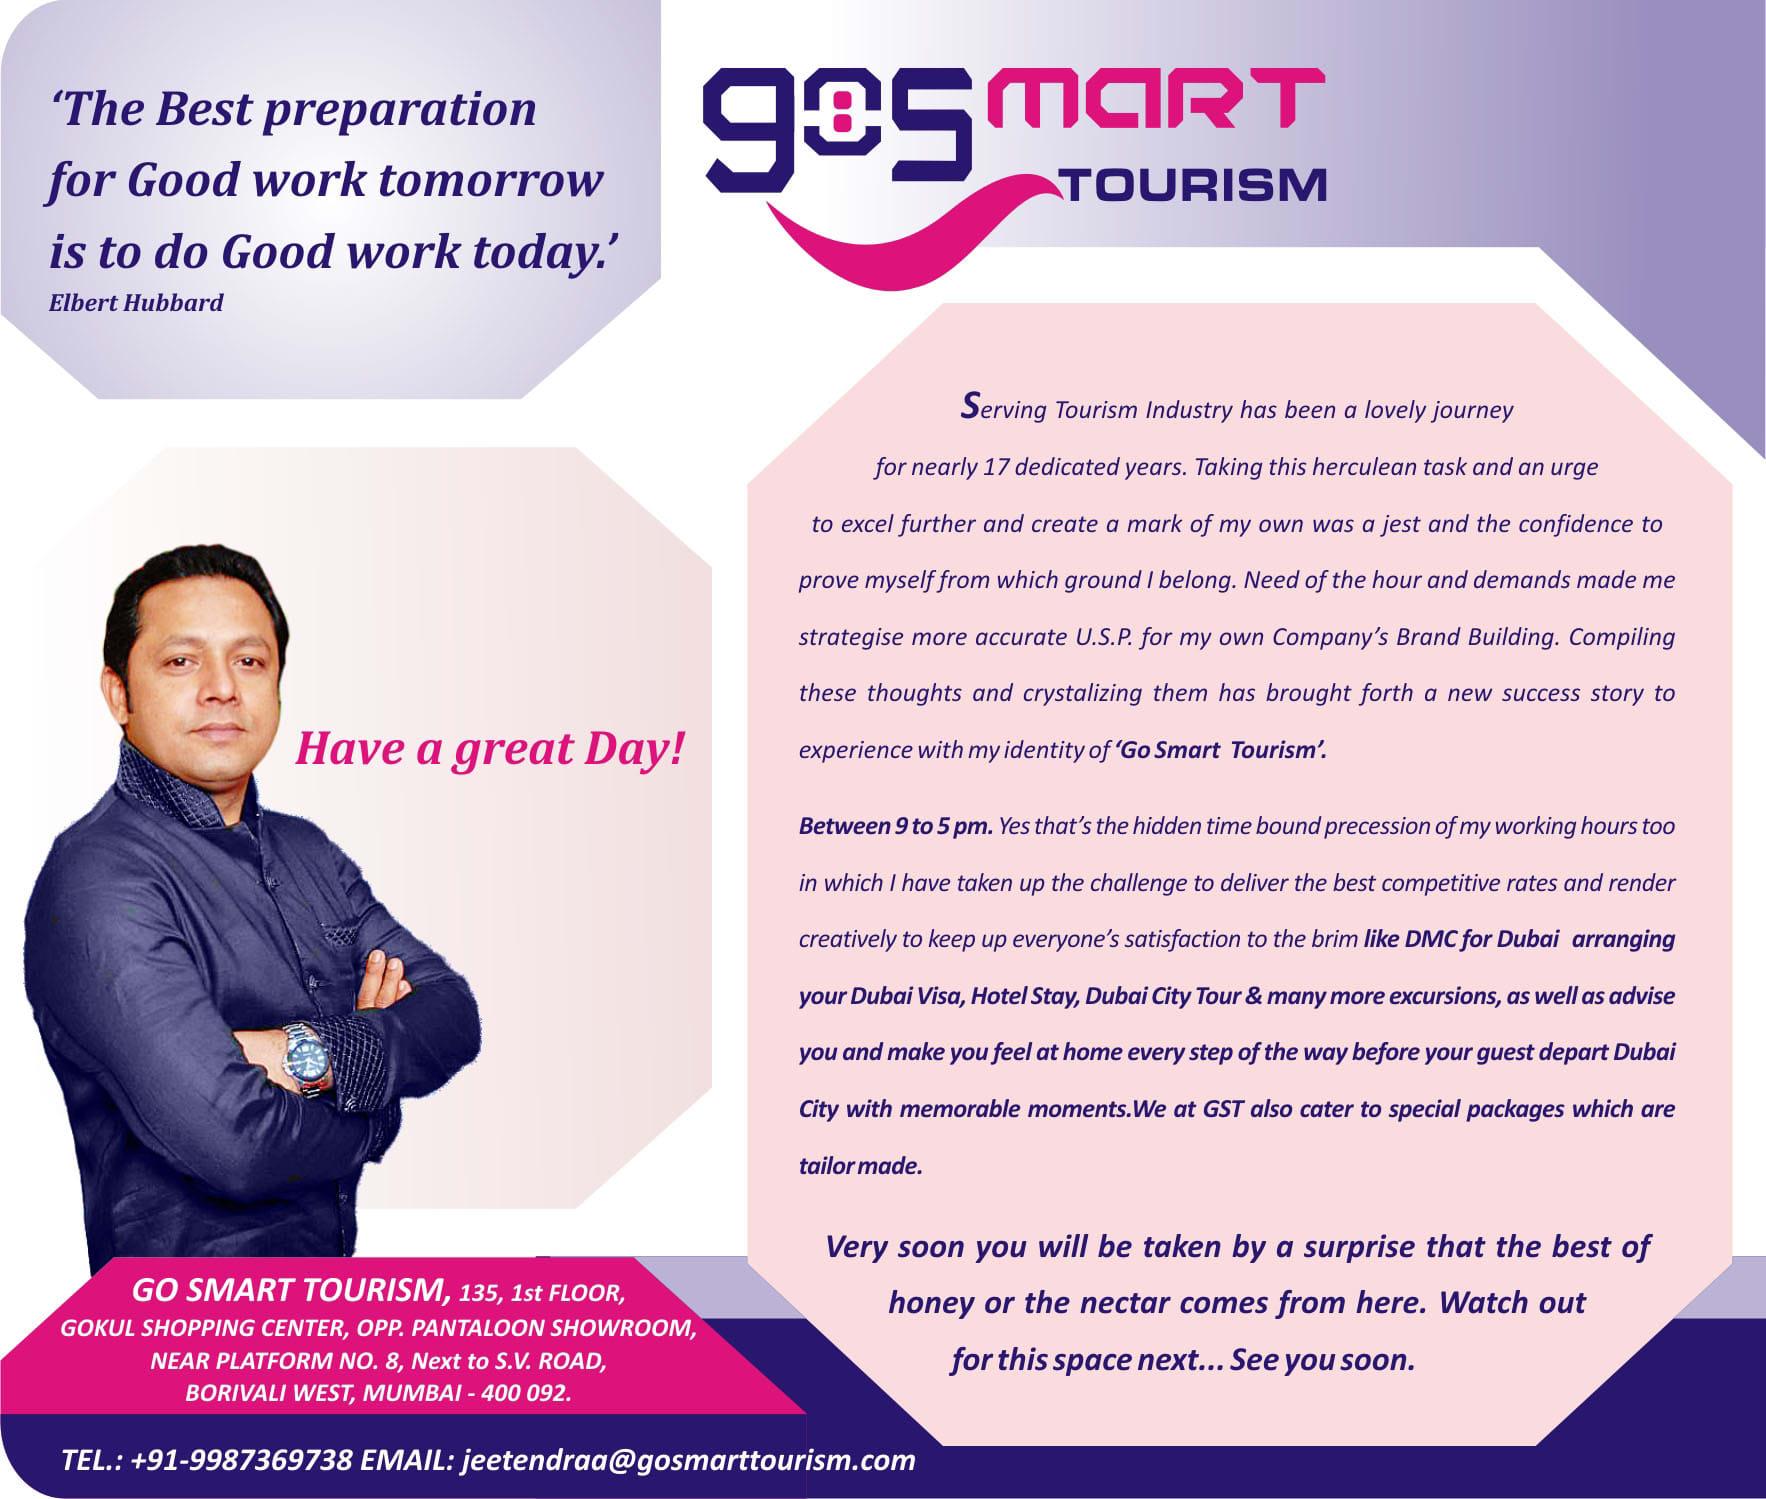 about go smart tourism